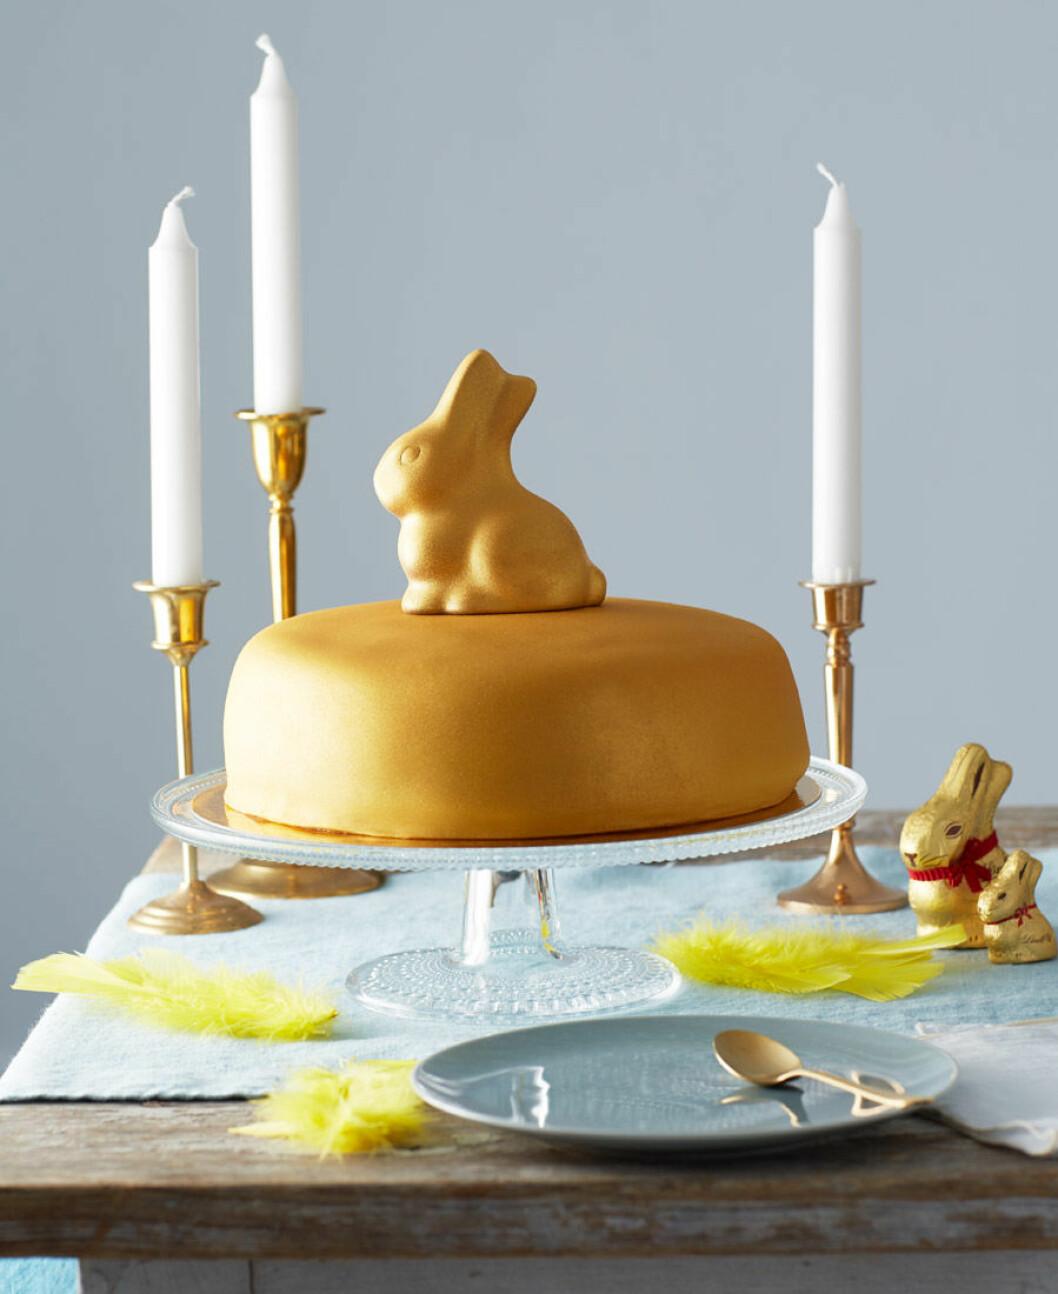 Glammiga tårta i glittrande guld.